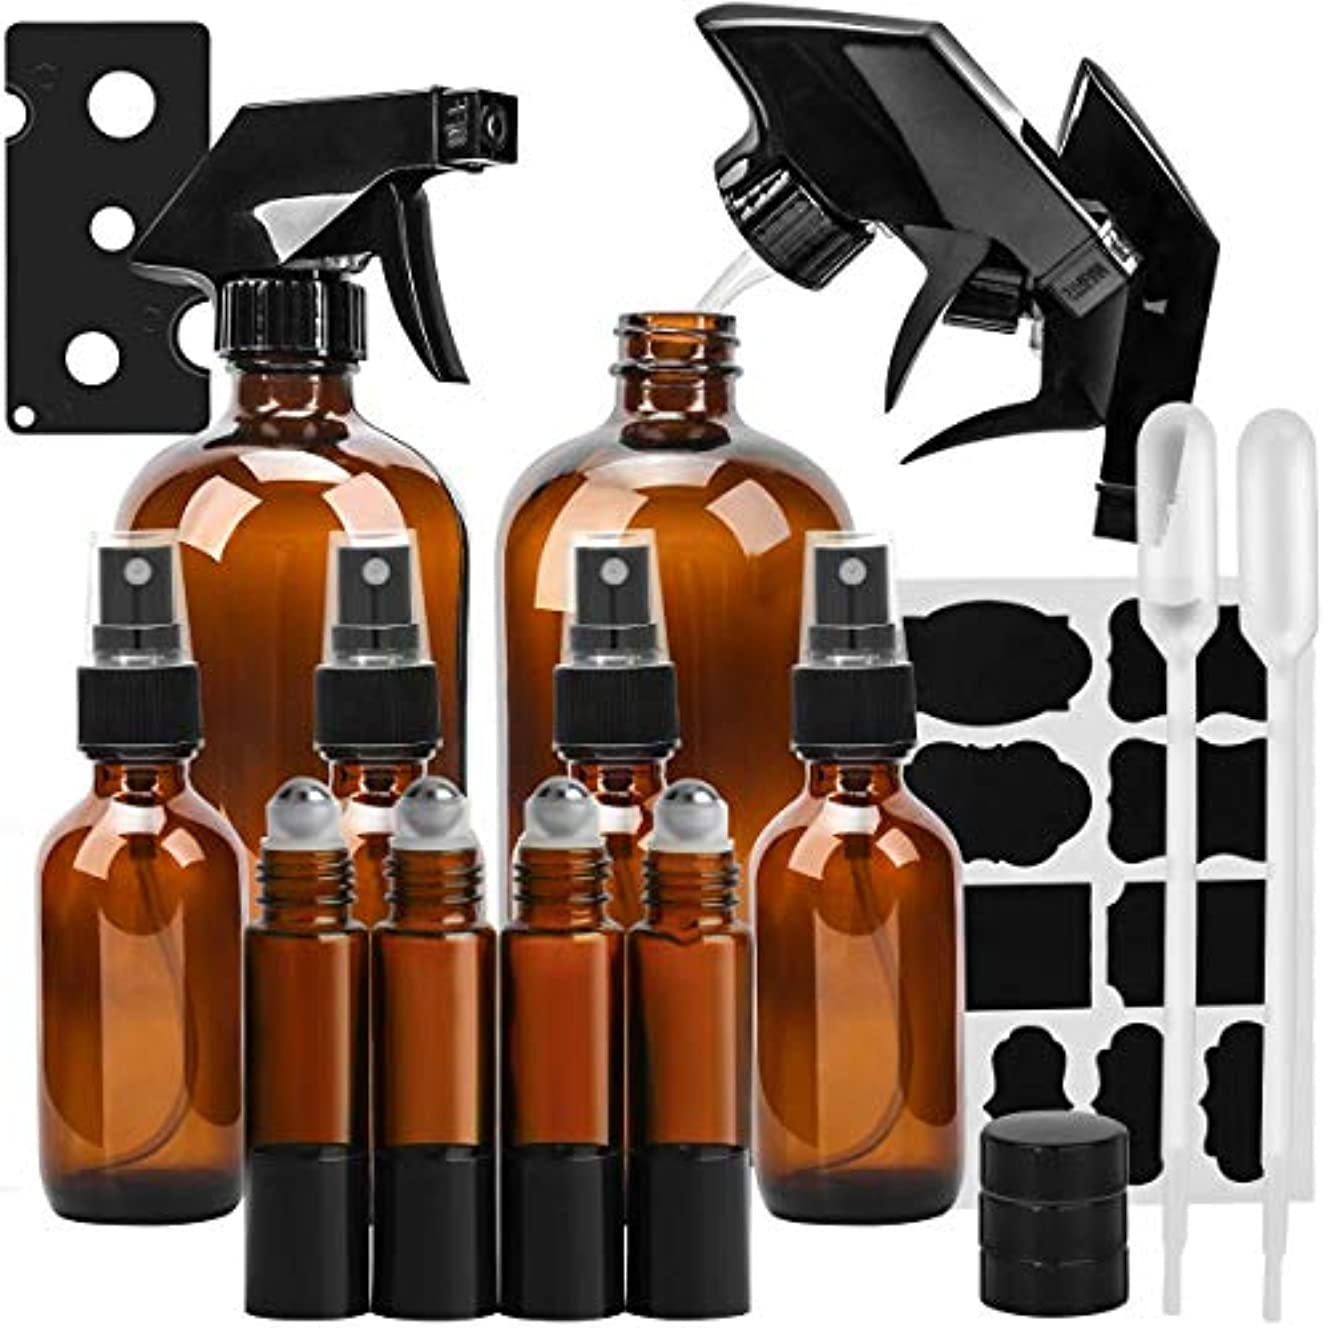 地域のソースメンタリティKAMOTA 16オンス×2 2オンス×4 10ミリリットルローラーボトル×4 - 製品やアロマテラピーを清掃エッセンシャルオイル 用 詰め替え容器 セットガラススプレーボトルアンバーガラススプレーボトル アンバー-2